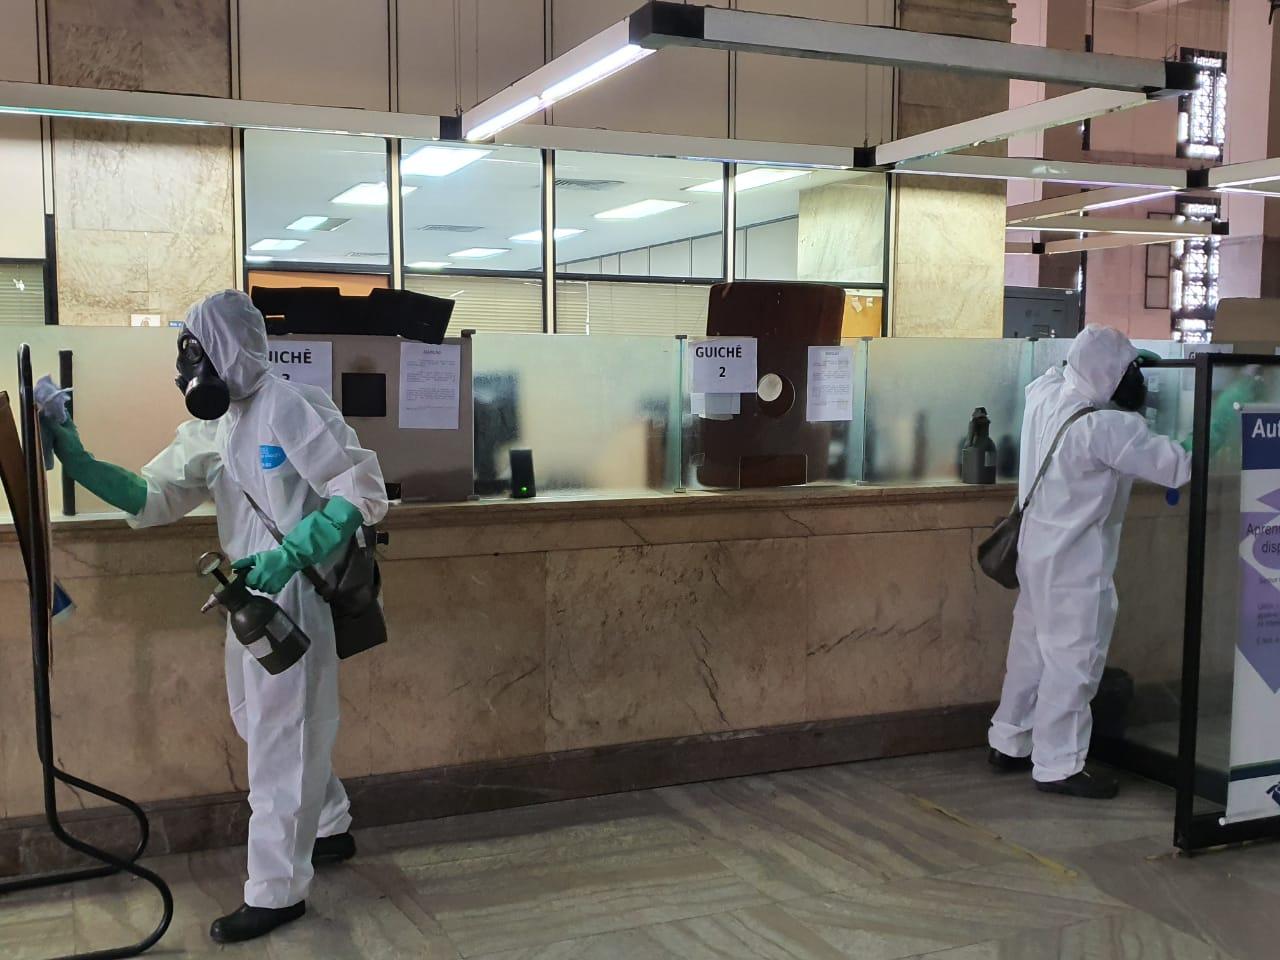 Militares e profissionais recebem capacitação para realizar desinfectação de locais públicos